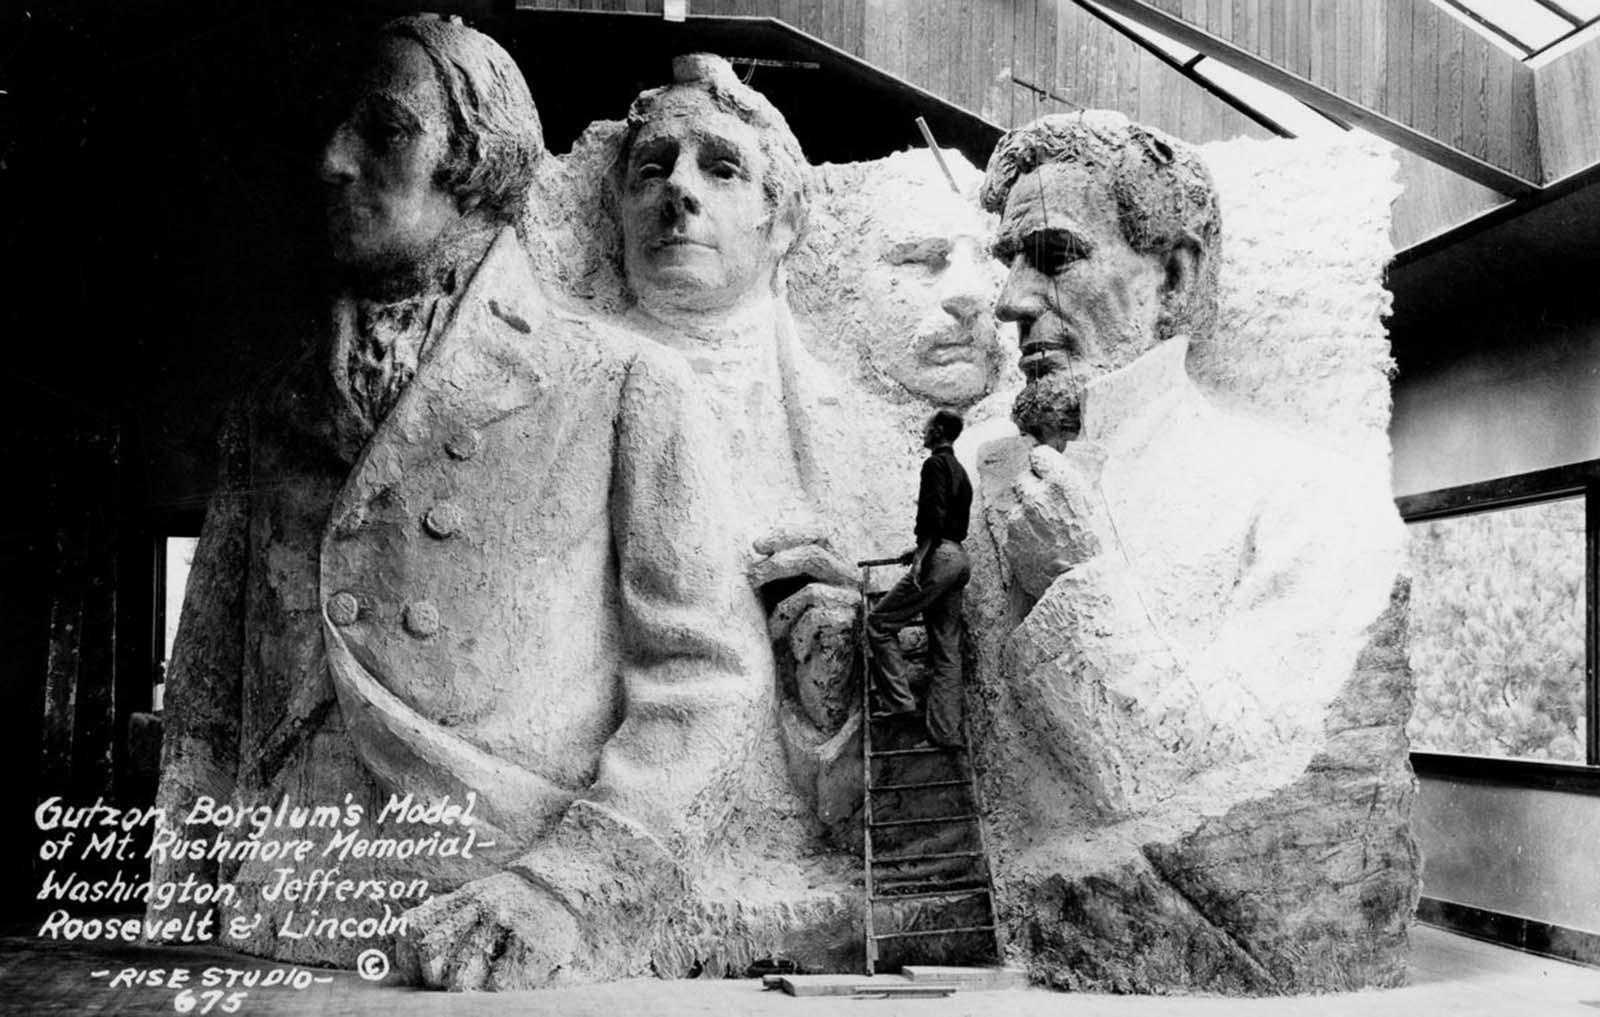 Borglum's mode of Mt. Roushmore Memorial. 1933.